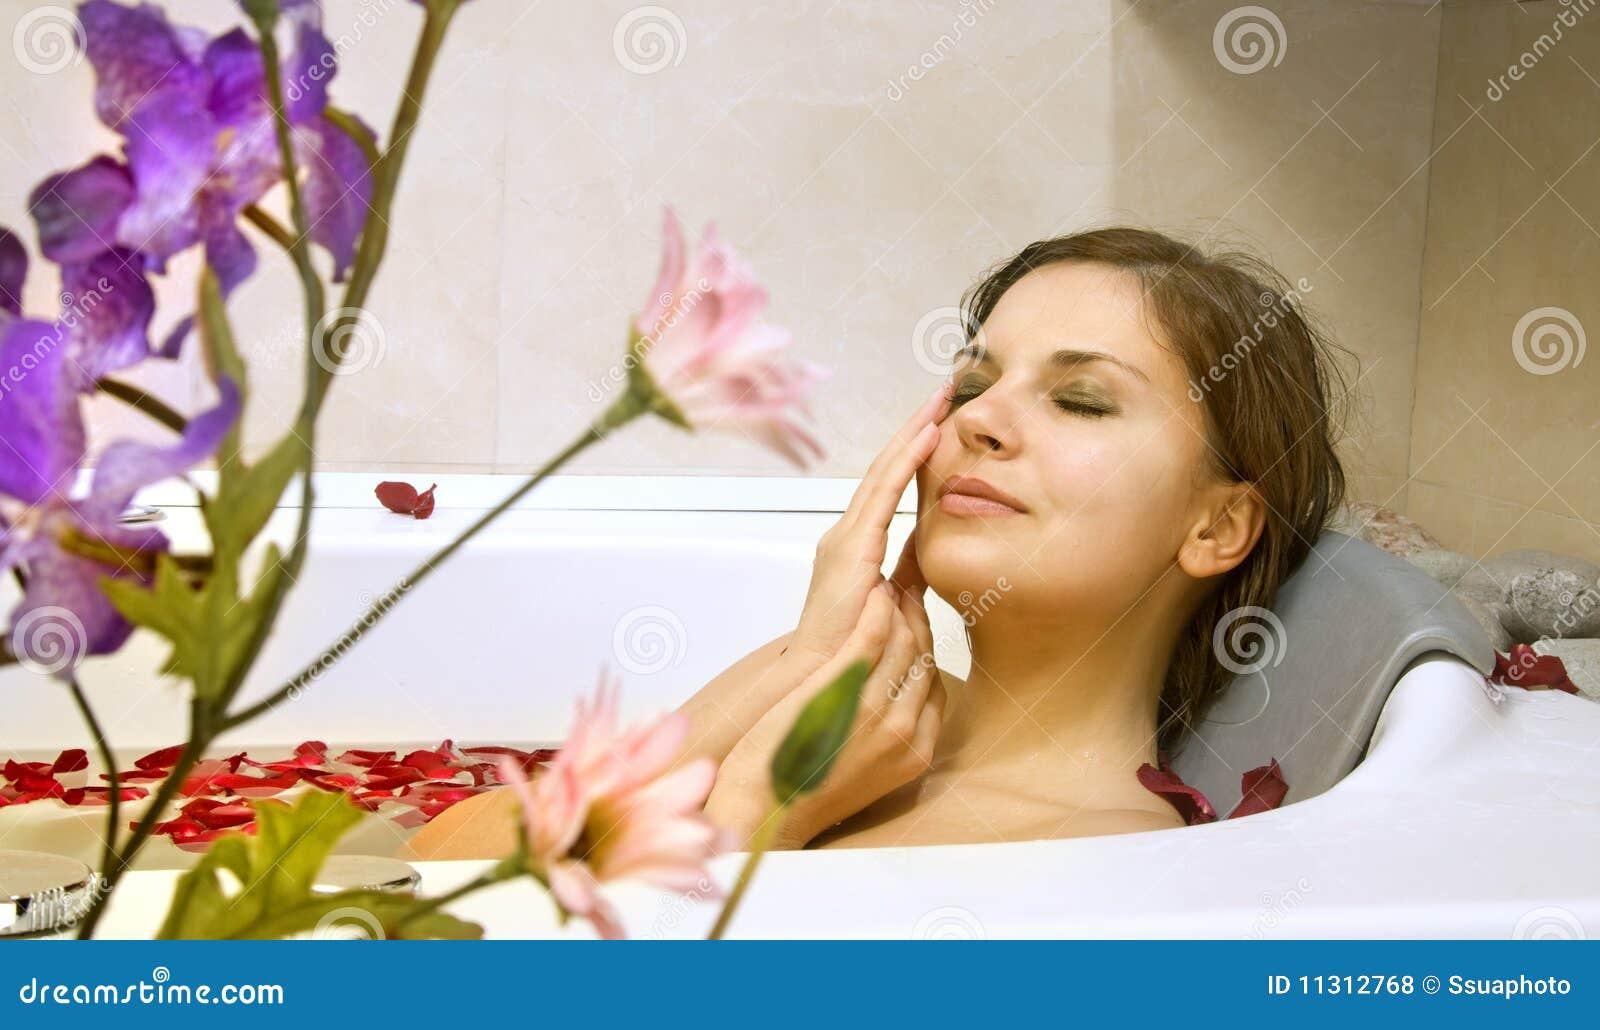 Frau in einem Bad mit den Steigenblumenblättern